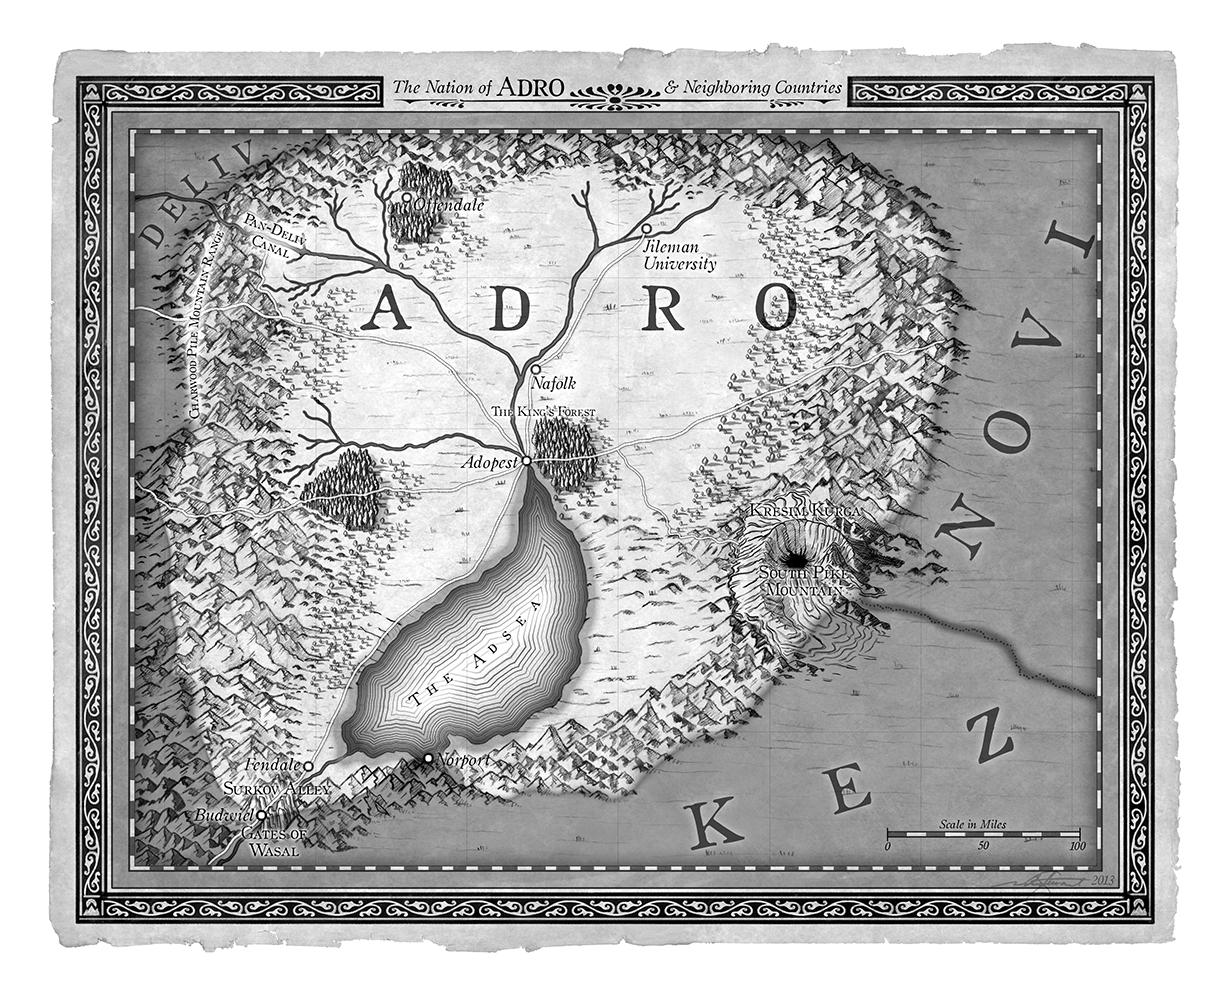 Adro Crimson Campaign